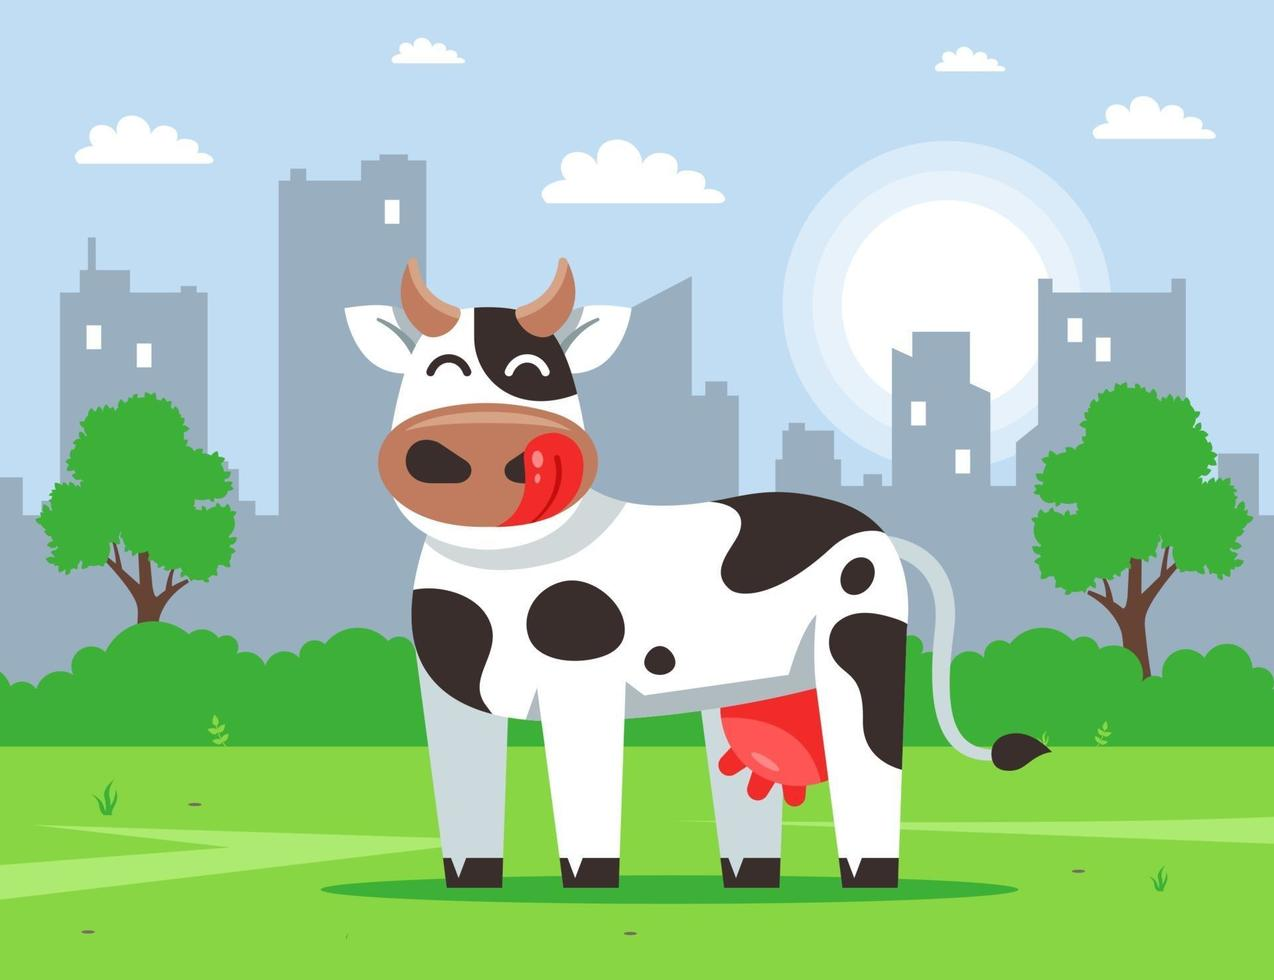 vaca bonita fica em um gramado verde contra o pano de fundo da cidade. ilustração de personagem plana vector. vetor